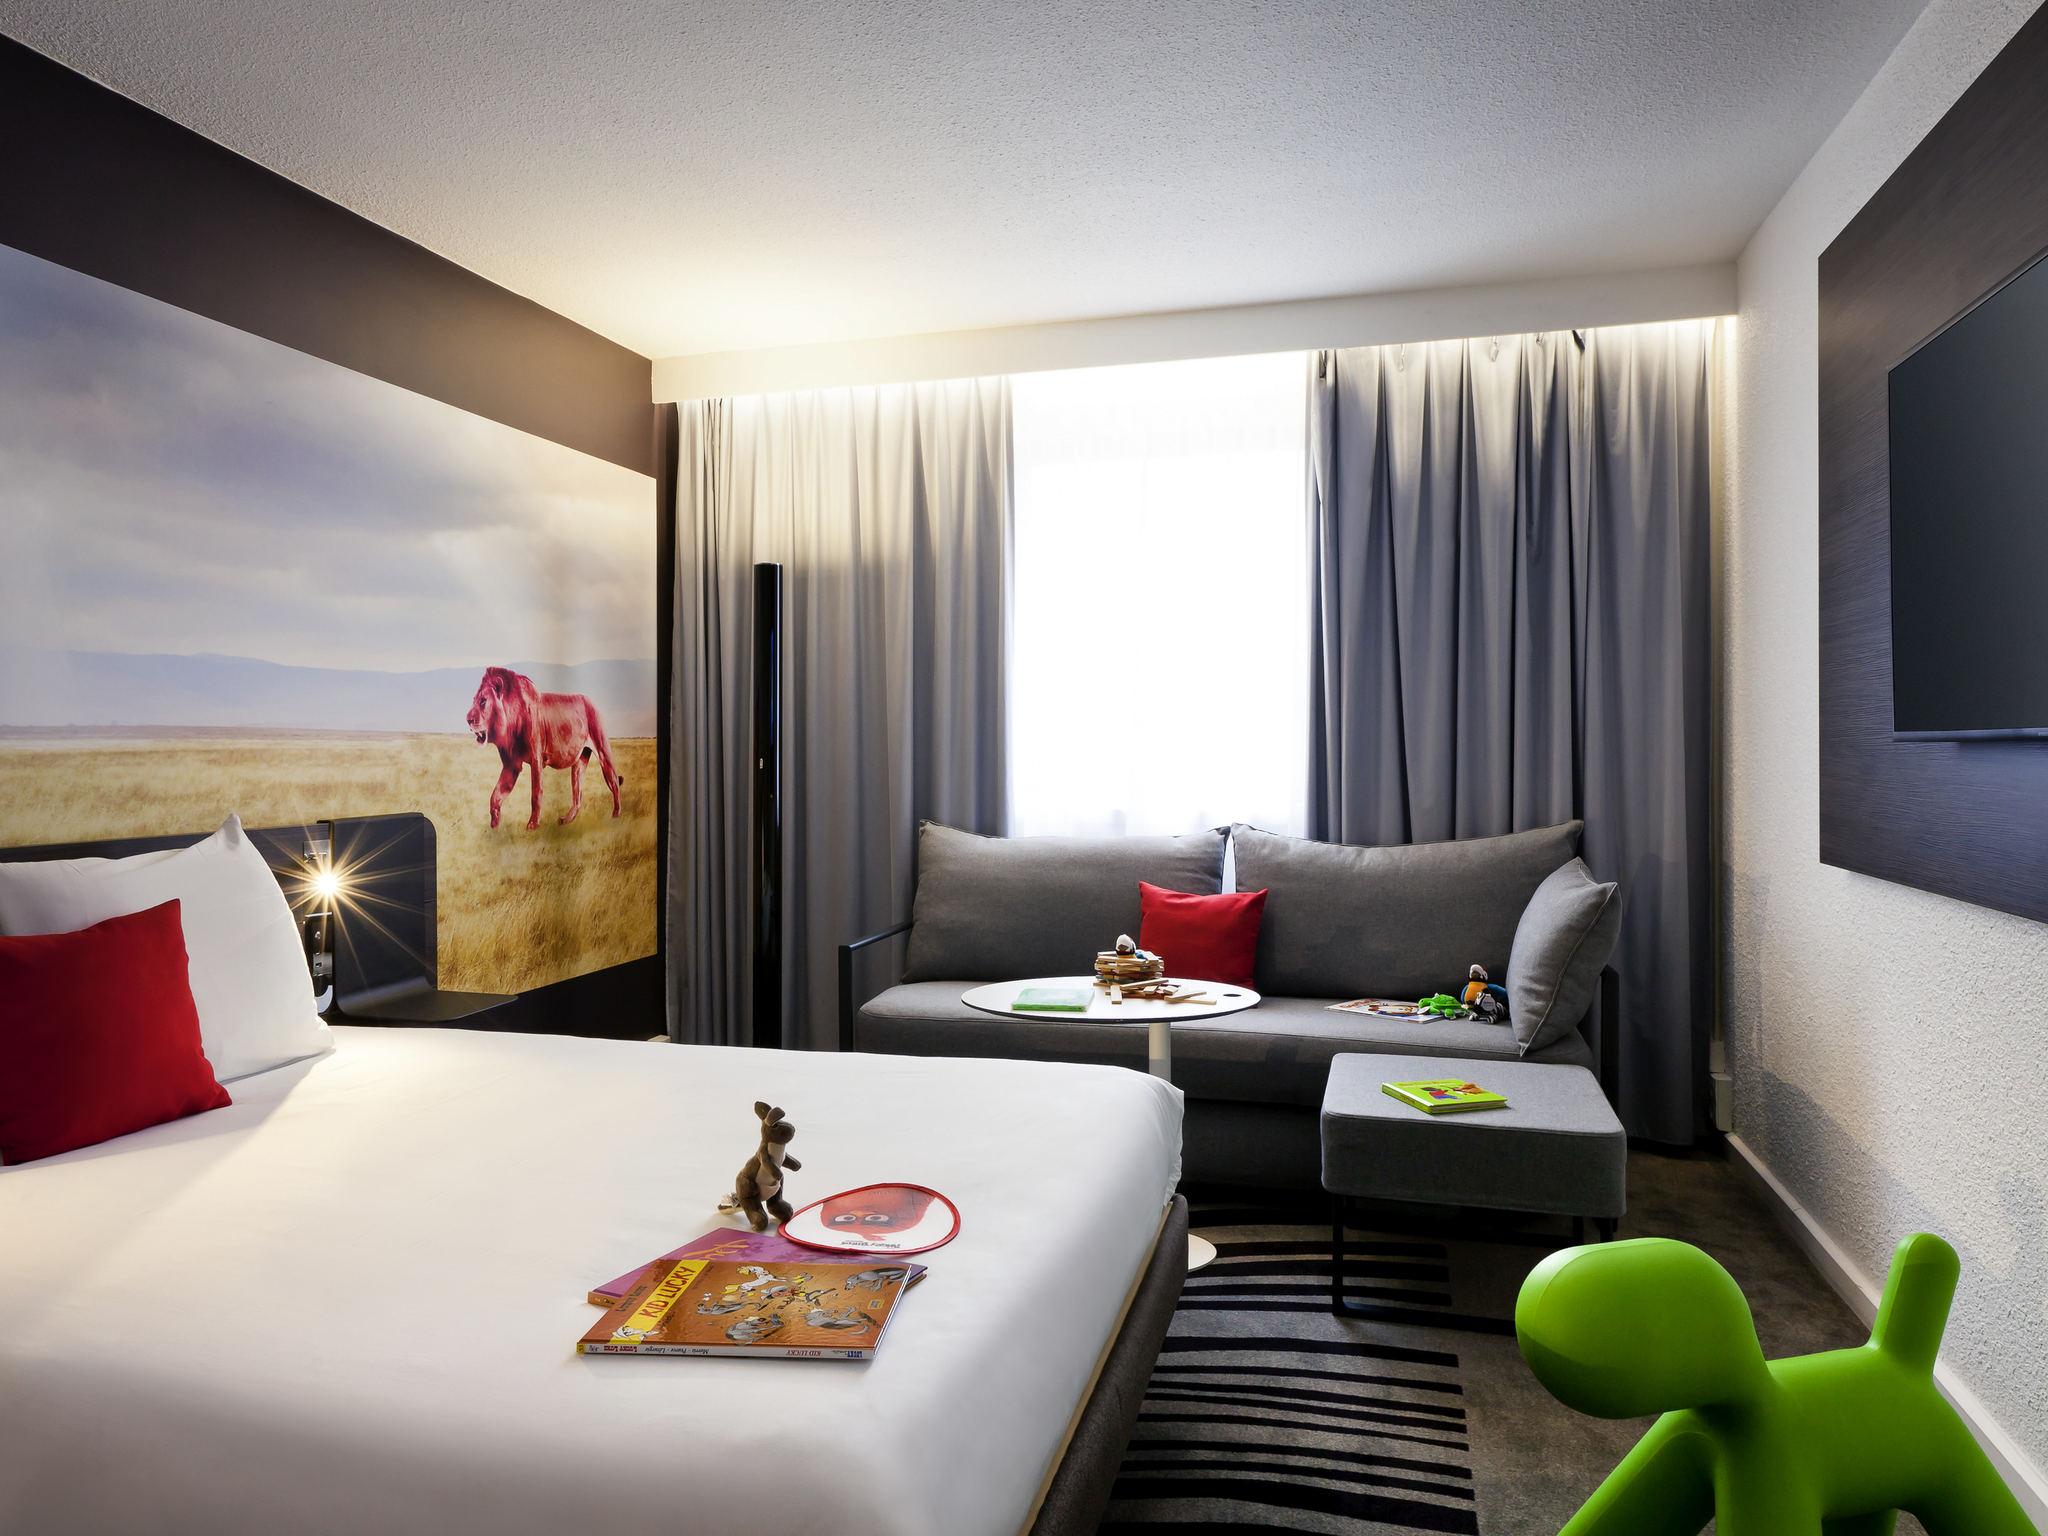 Hotel – Novotel Lyon Gerland Musée des Confluences